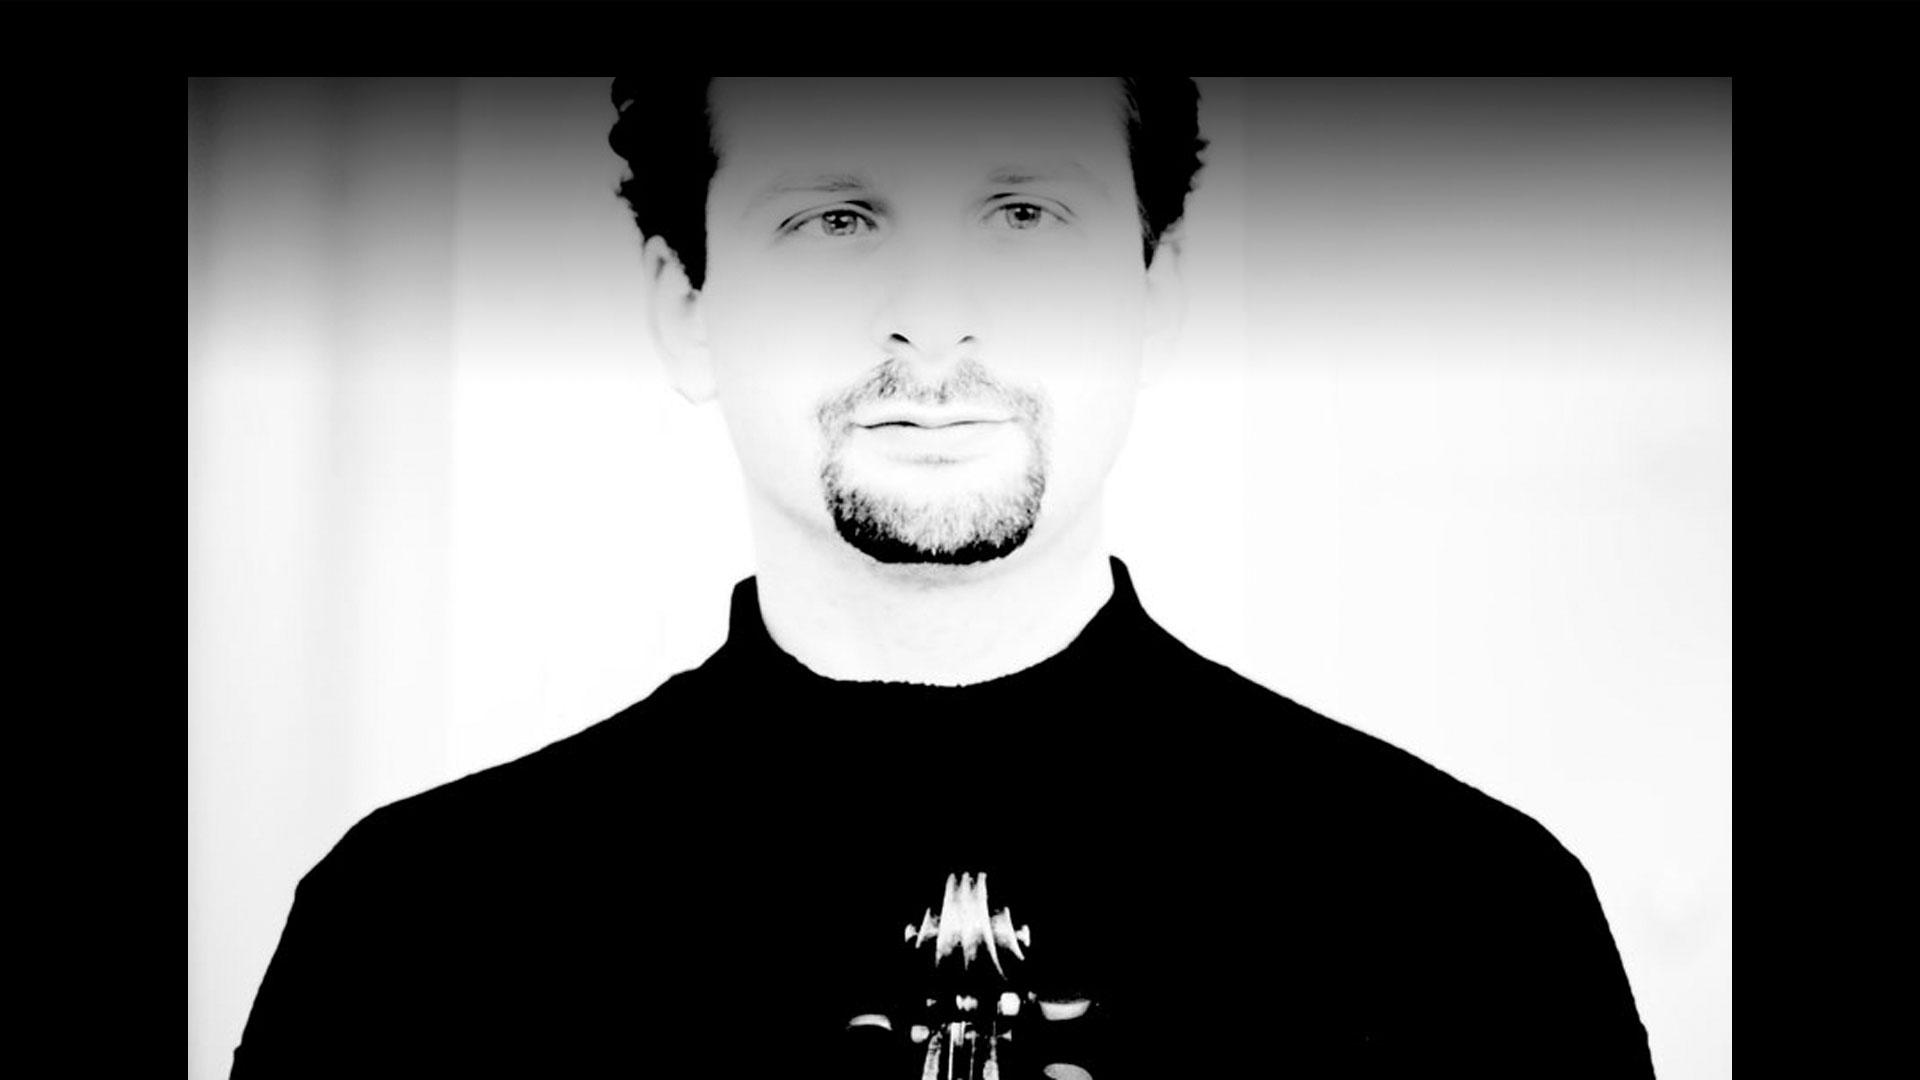 La OSG grabará para el sello BIS el Concierto para violín de Stravinski que interpreta con Gringolts en su programa de abono